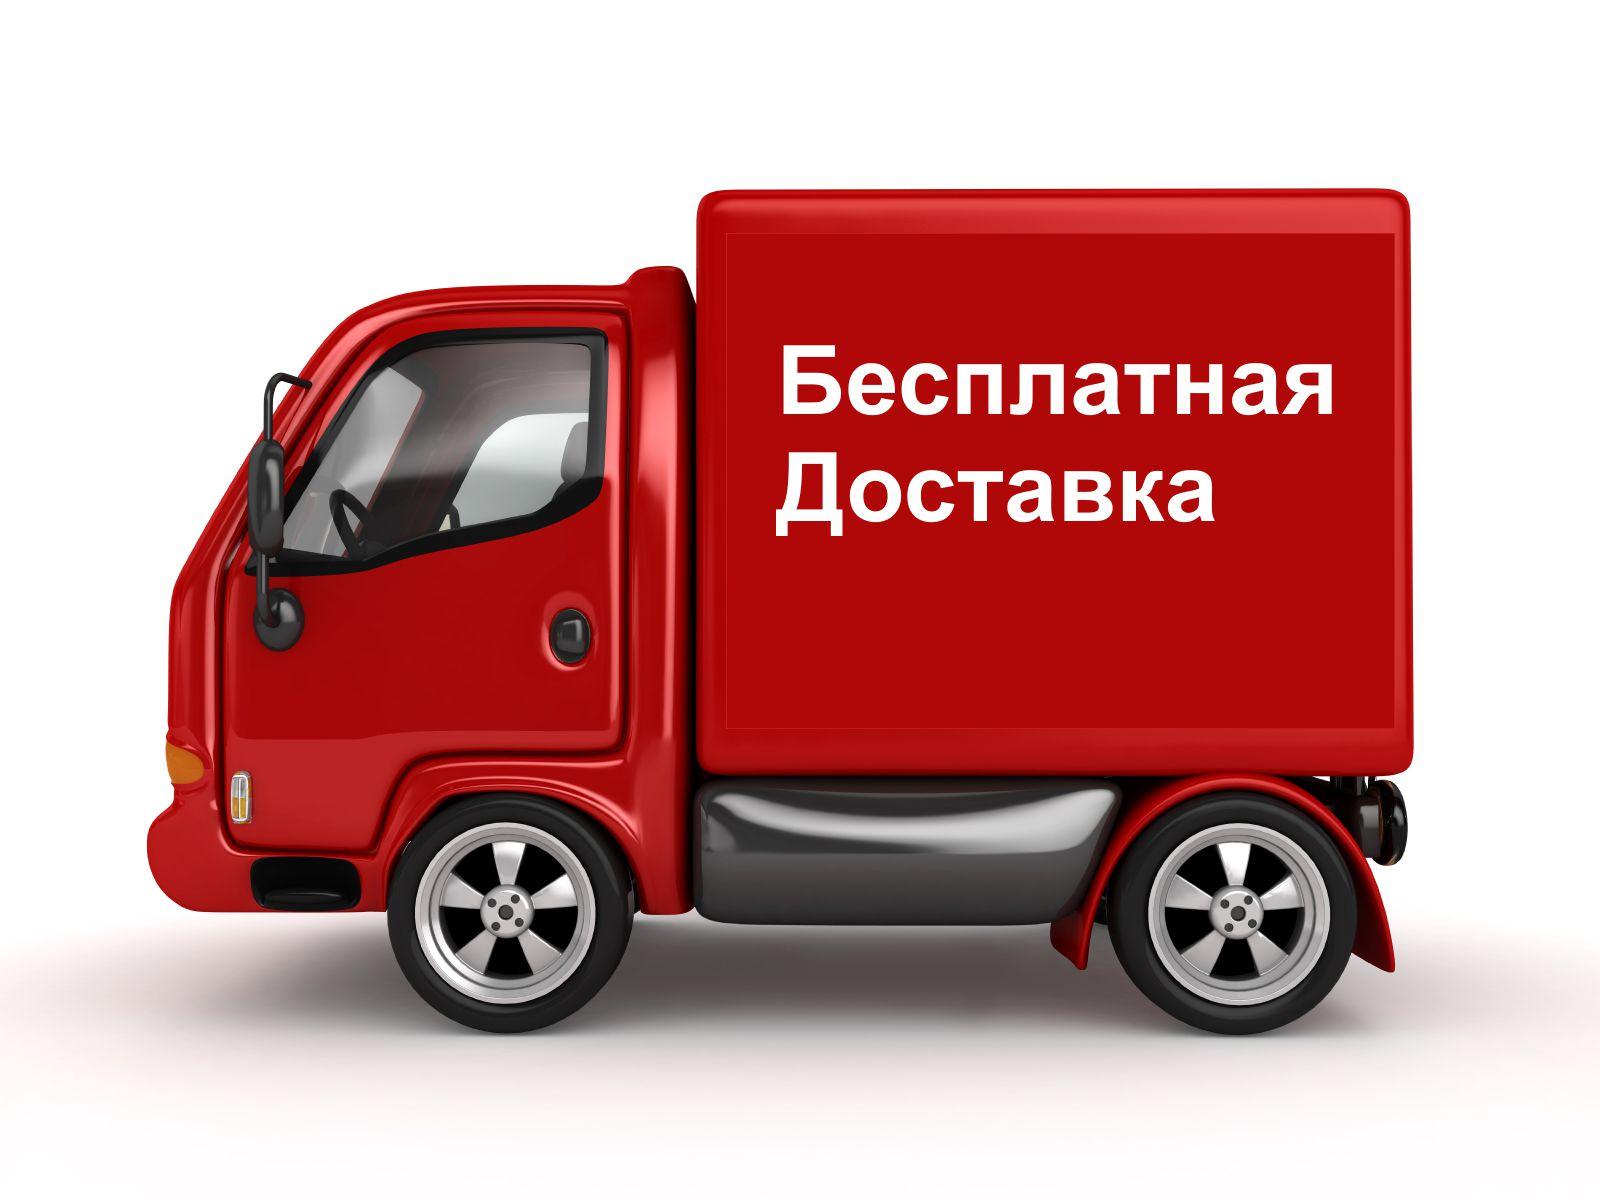 Бесплатная доставка товаров